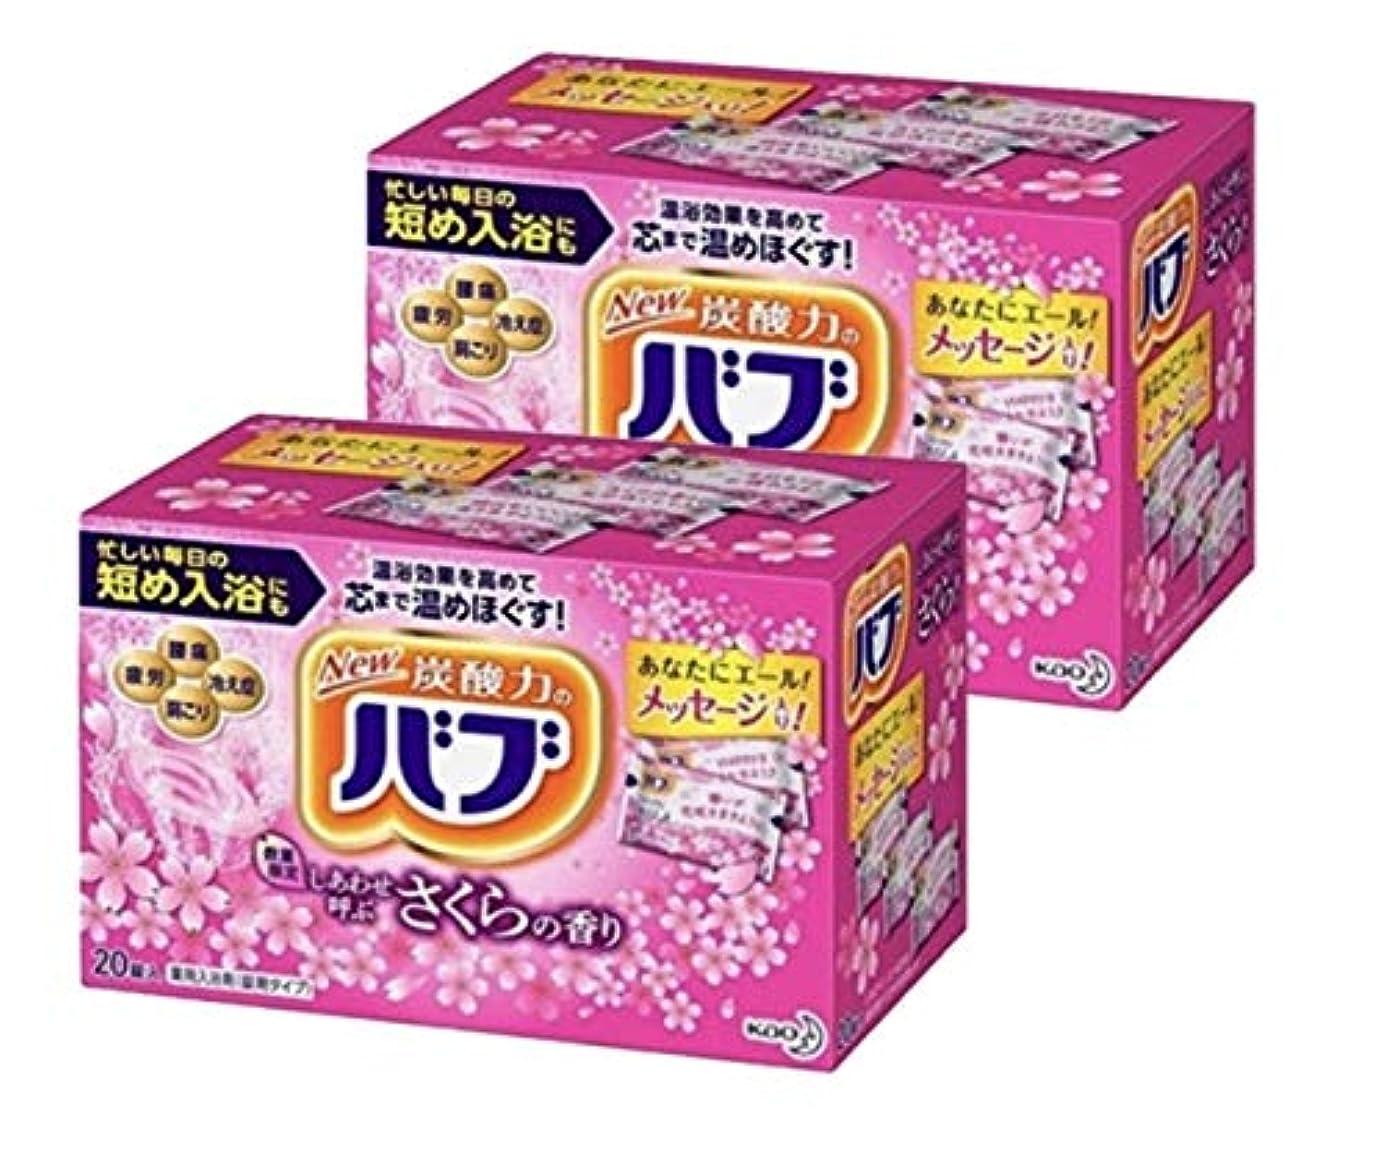 カナダひそかに浴室【まとめ買い】バブ 薬用入浴剤 しあわせ呼ぶ さくらの香り 20錠入り×2